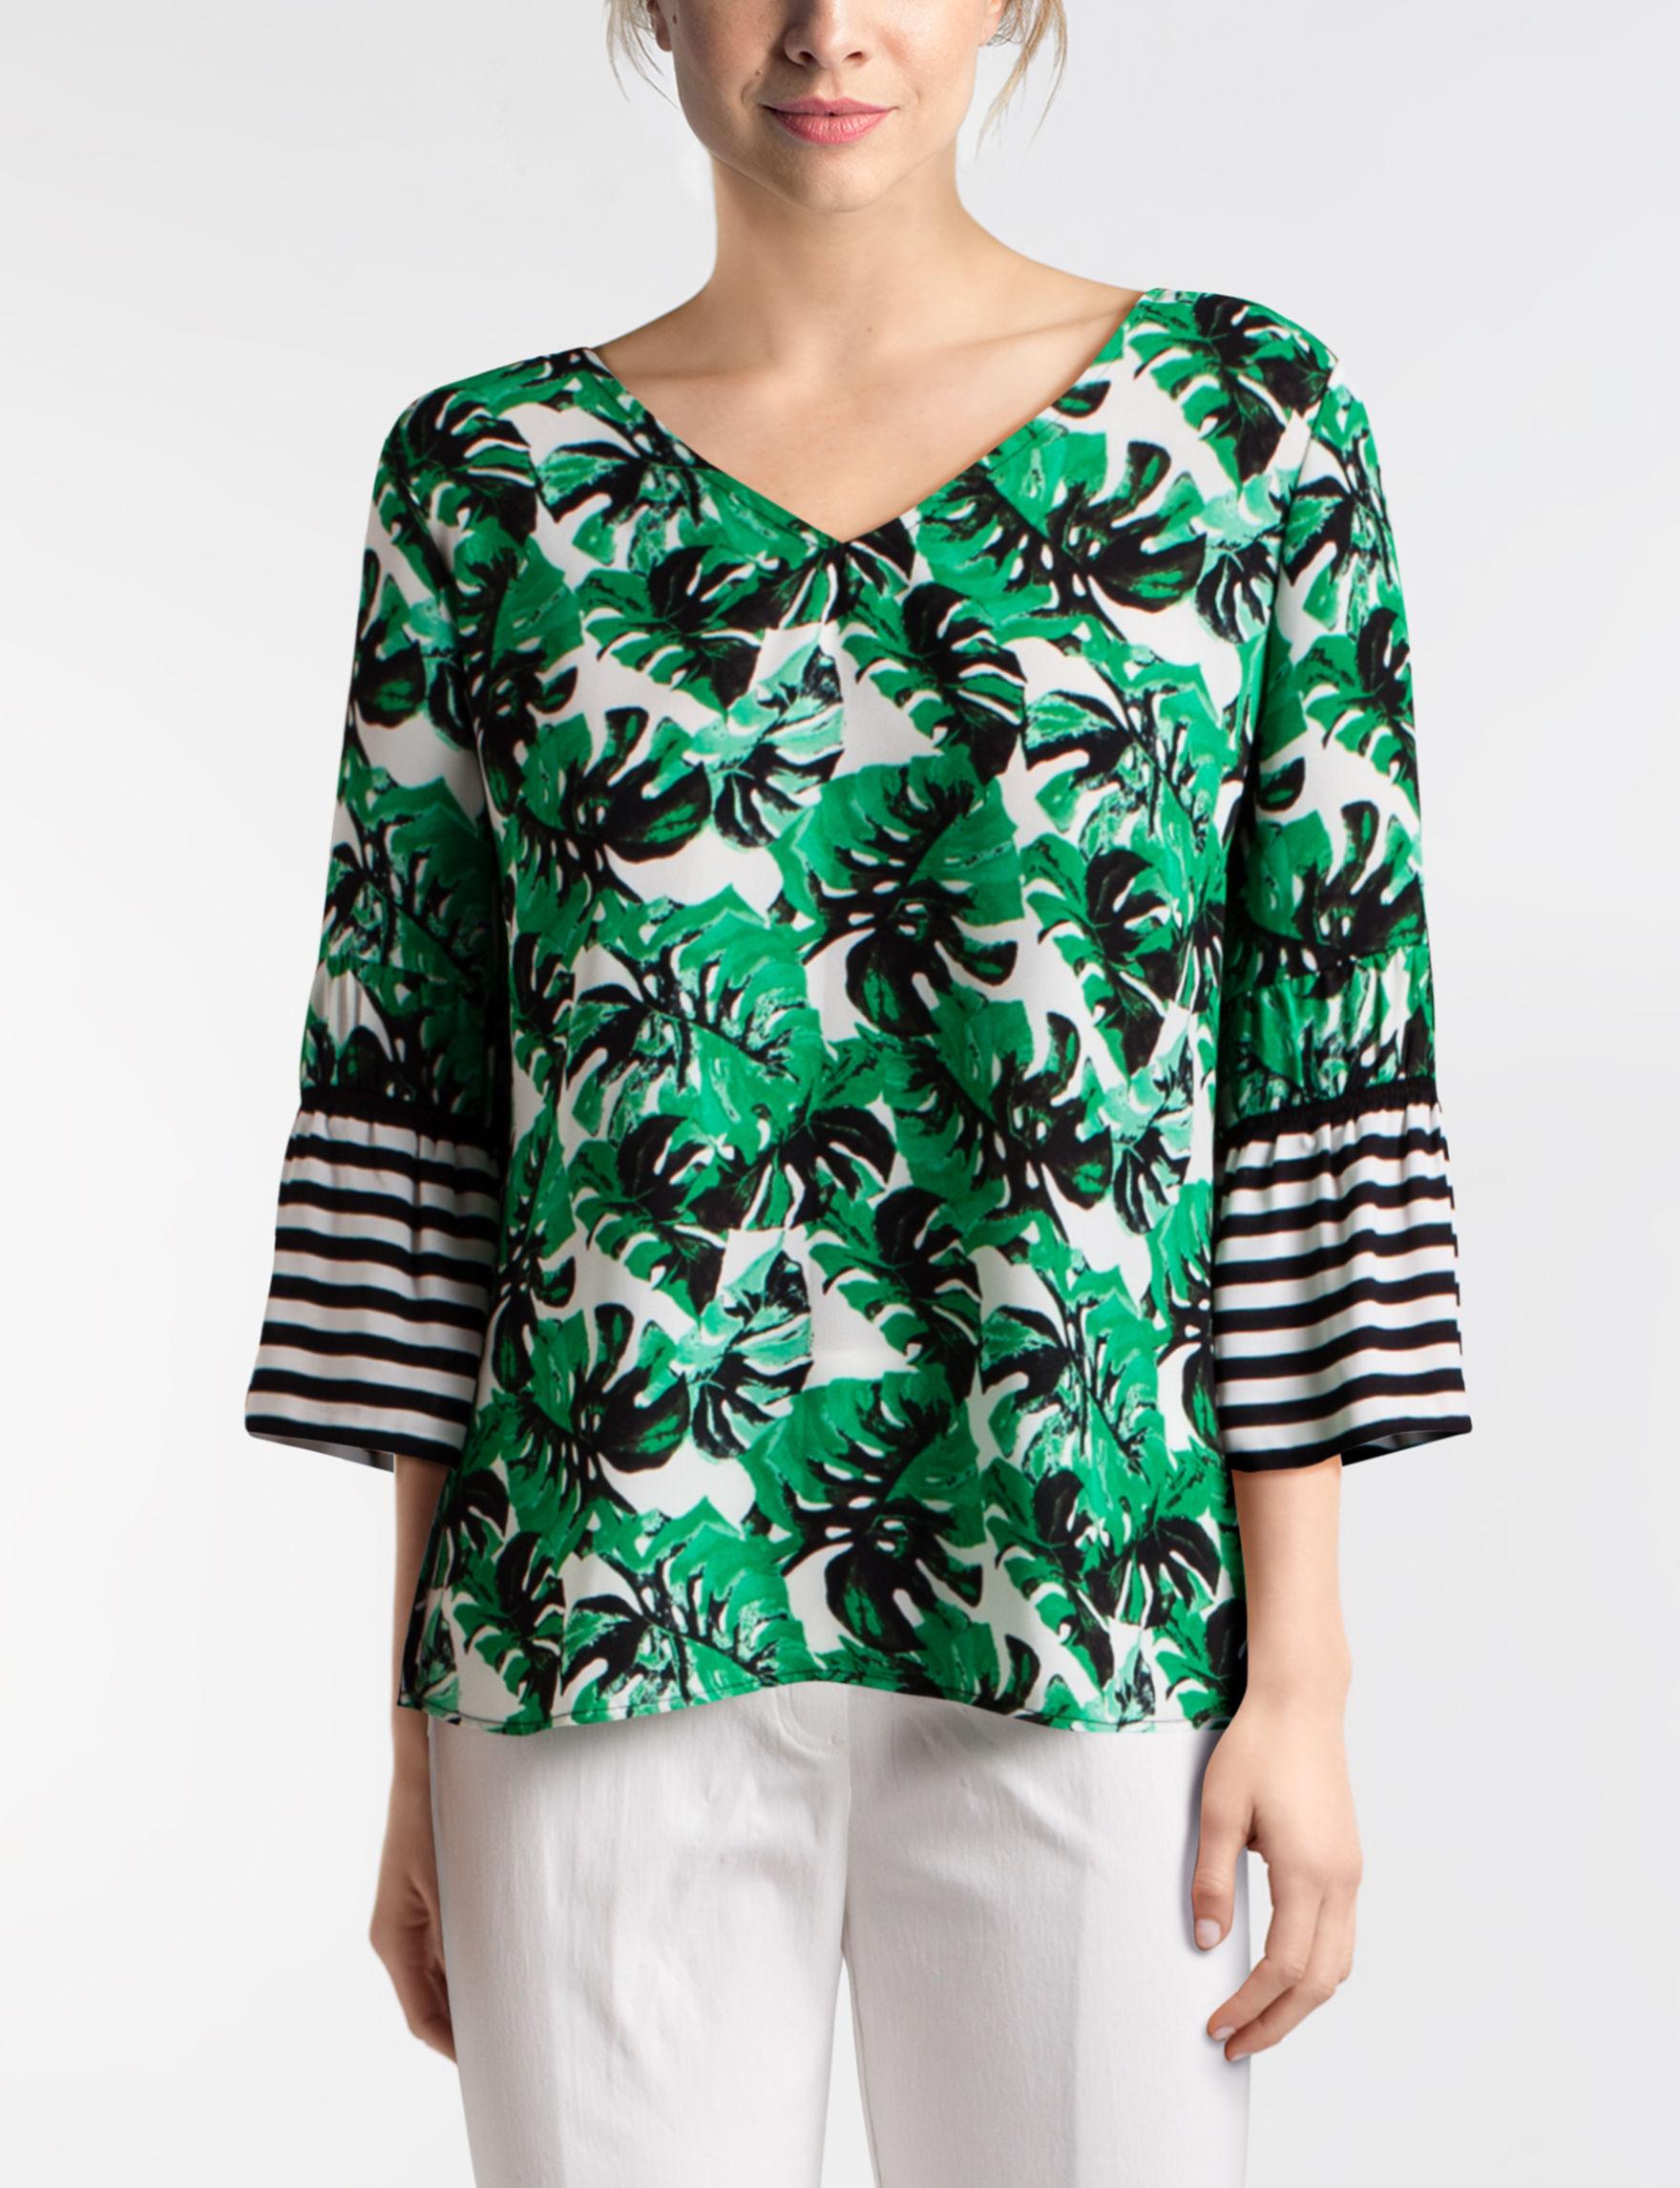 Valerie Stevens Green Multi Shirts & Blouses